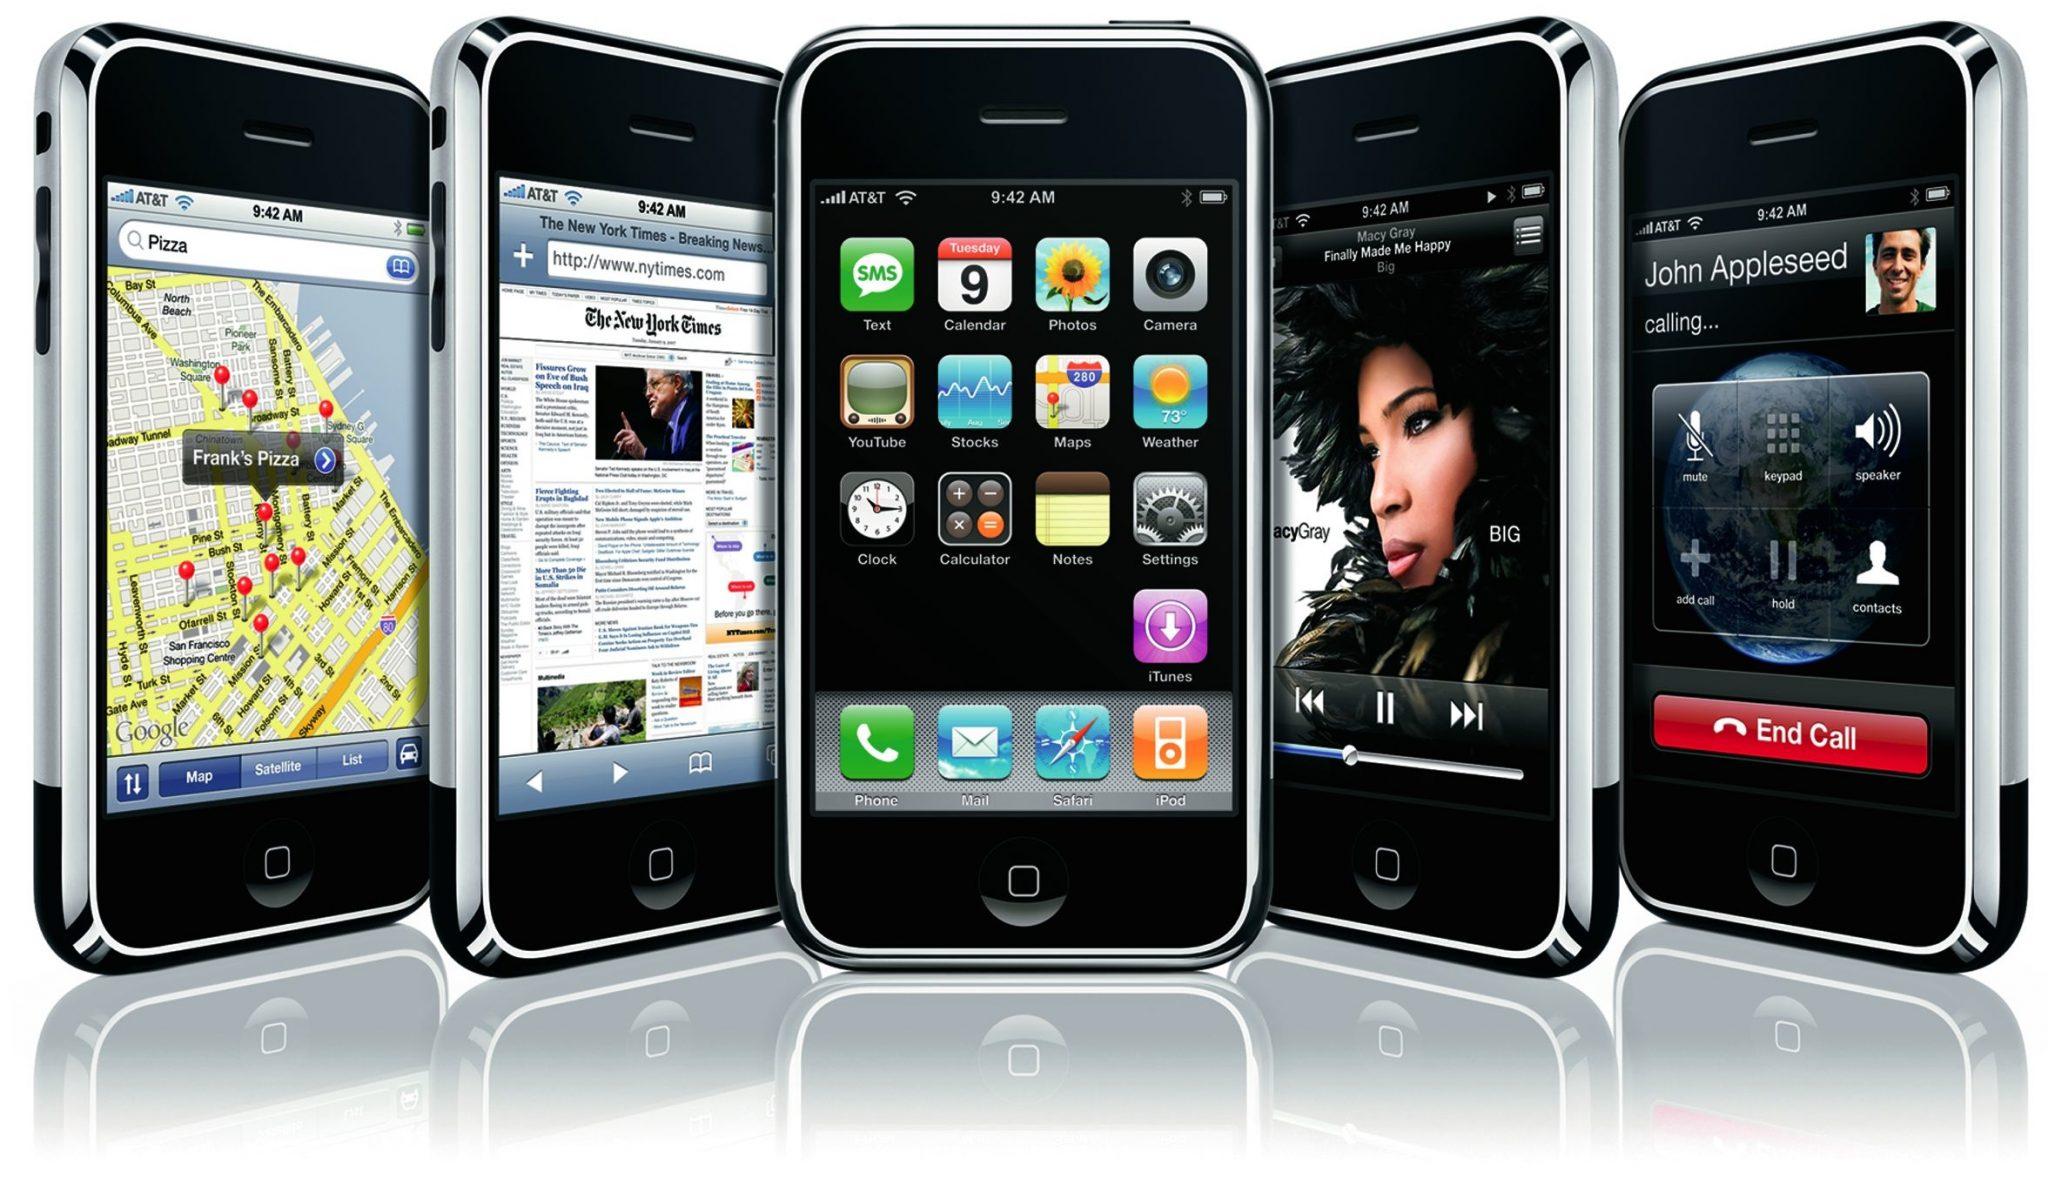 Wall Iphone App Journal Street